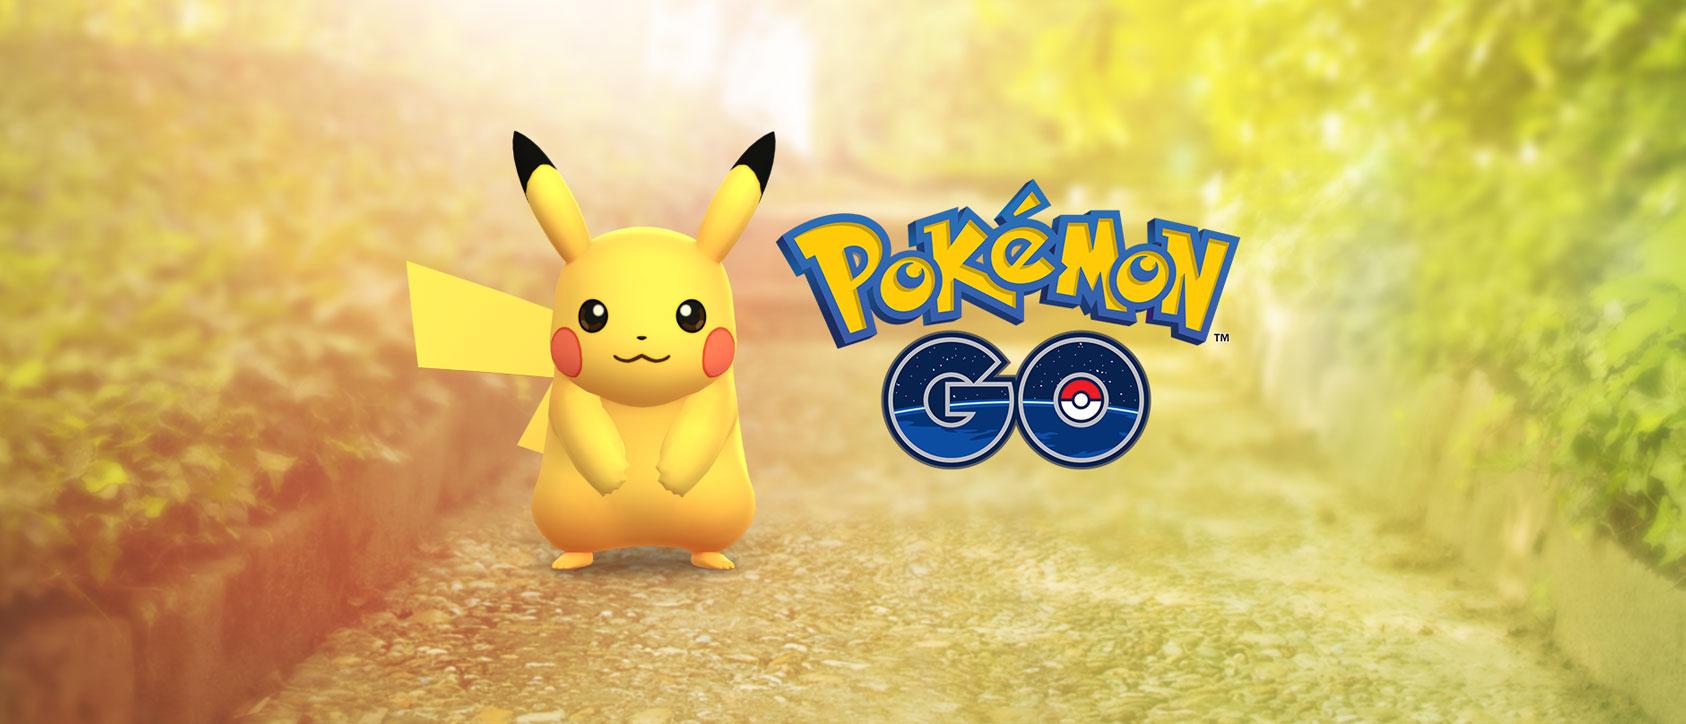 Pokemon Go: 3 neue Codes für 5Hyper Bälle+1Glücksei+5Glumanda Sticker und 5Great Balls+1Lure+5Bulbasaur Sticker und 1Star Piece(Android/iOS)